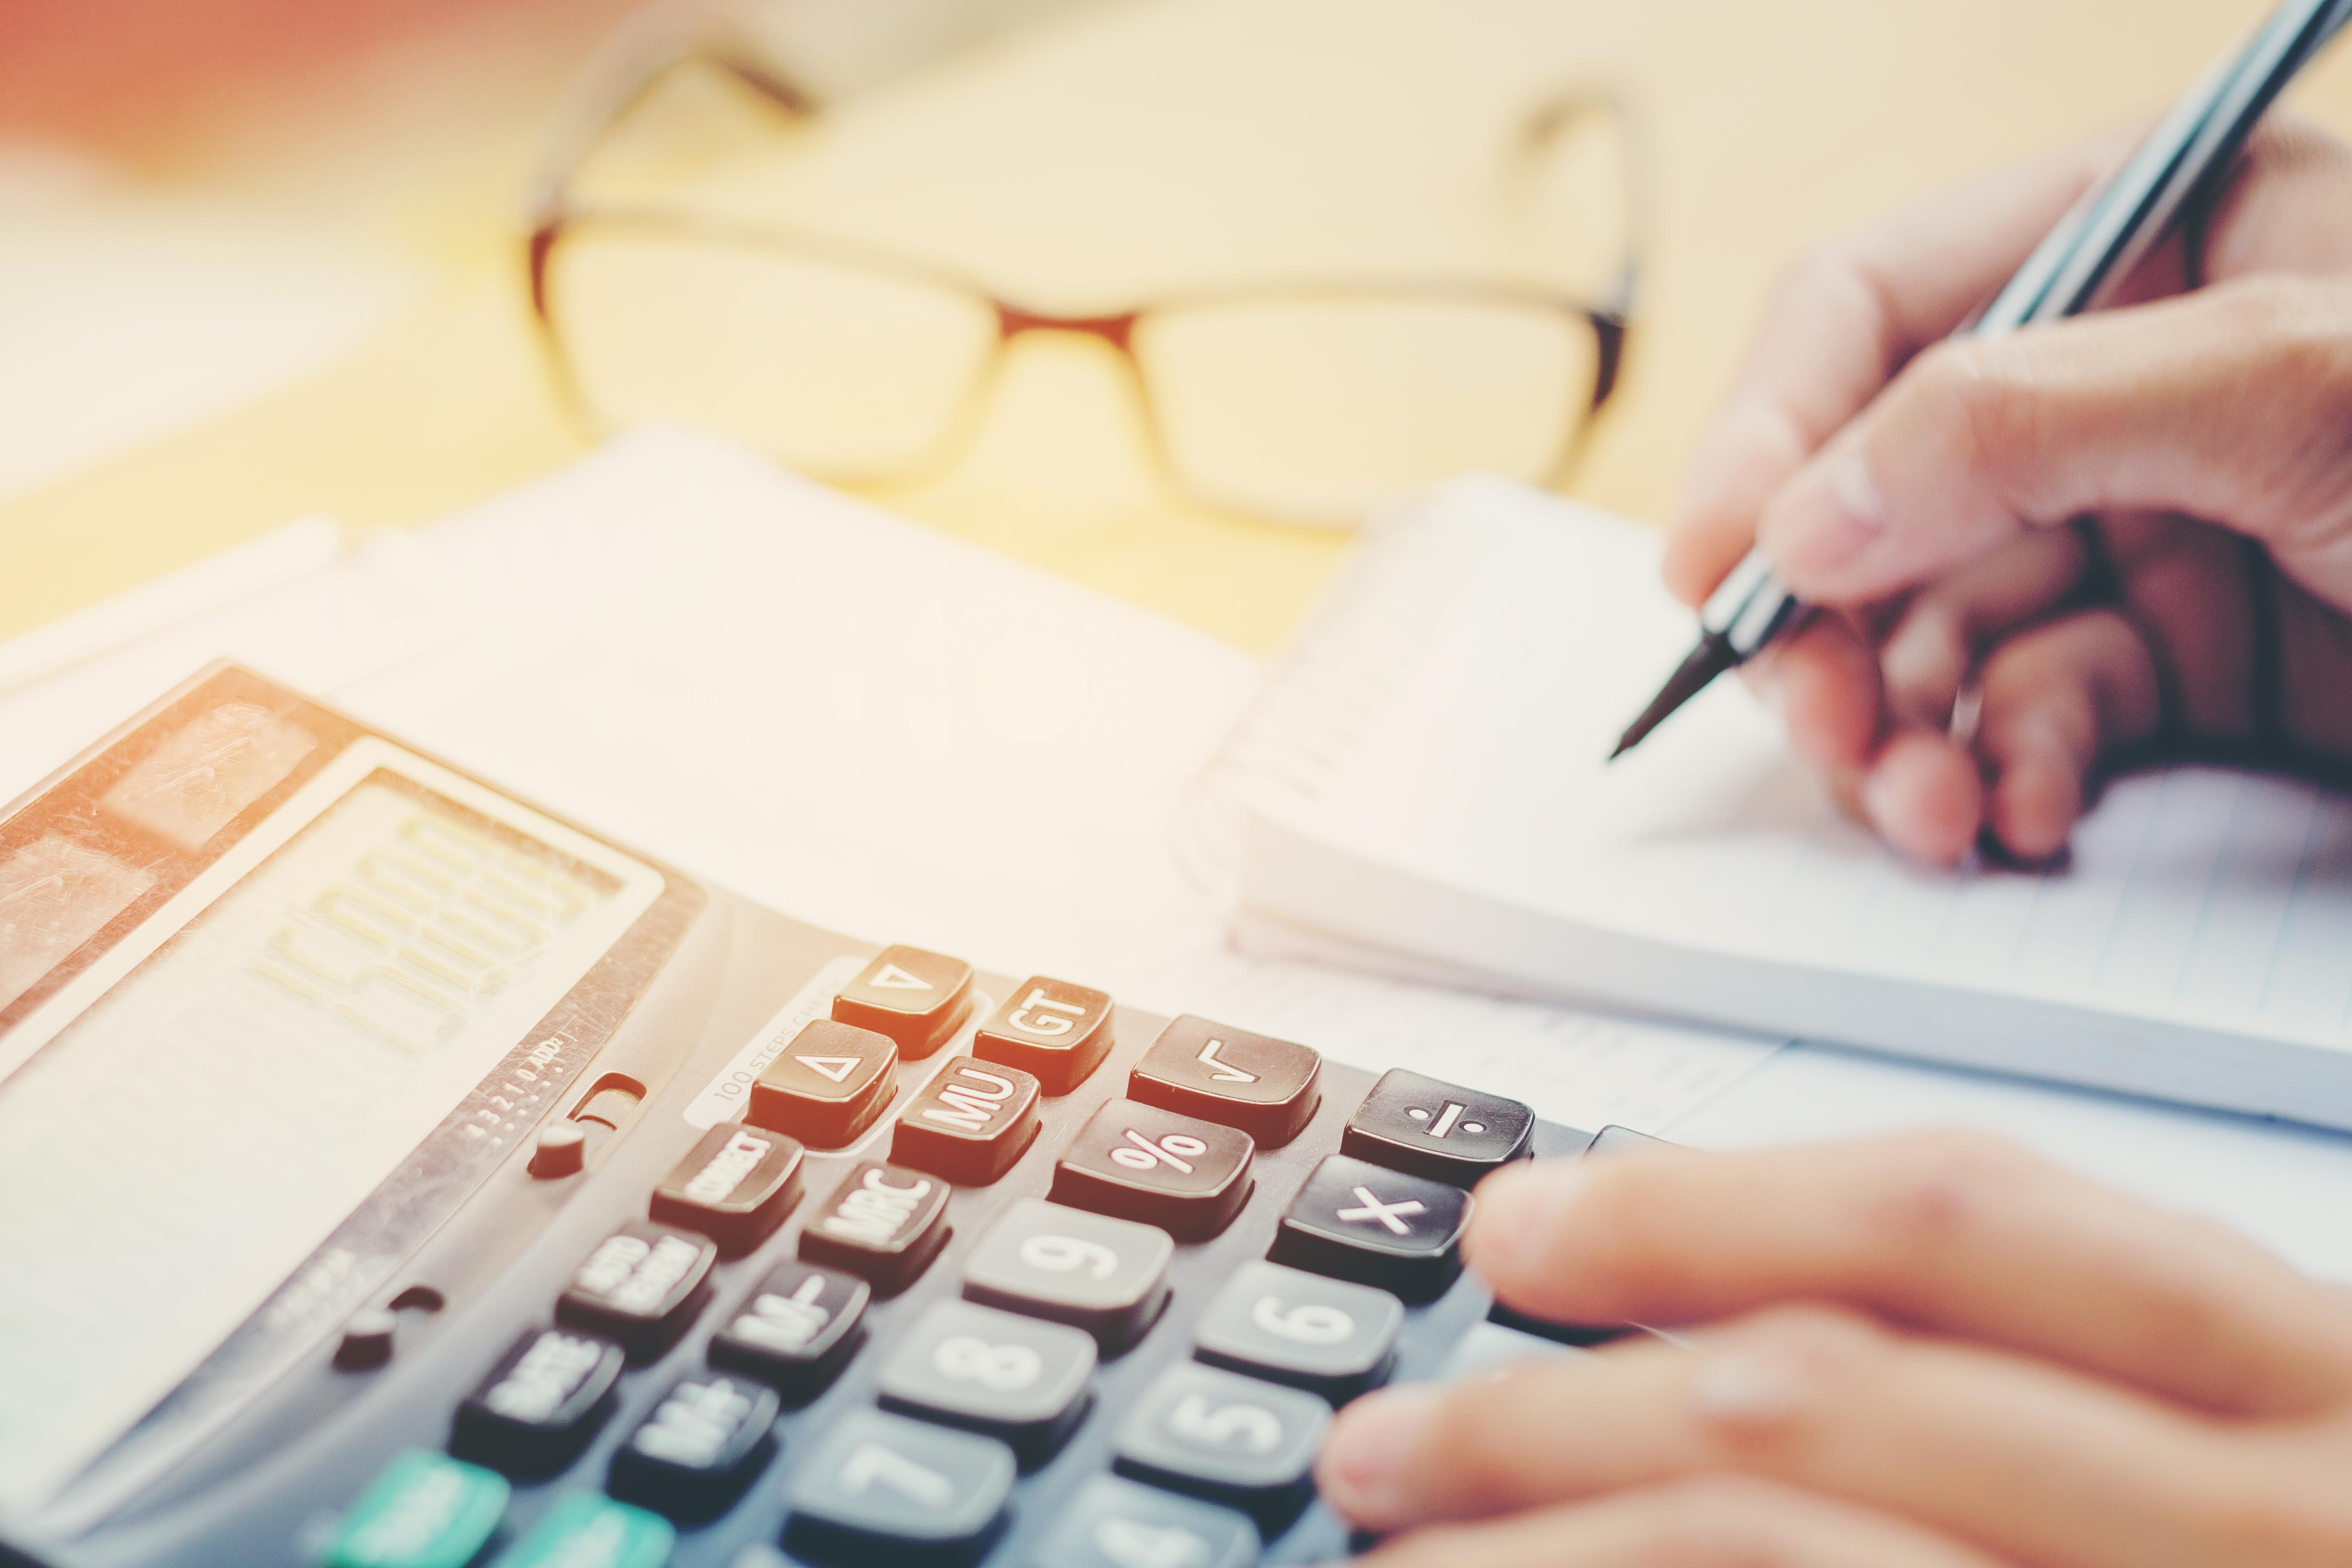 mano-calculadora-540435490